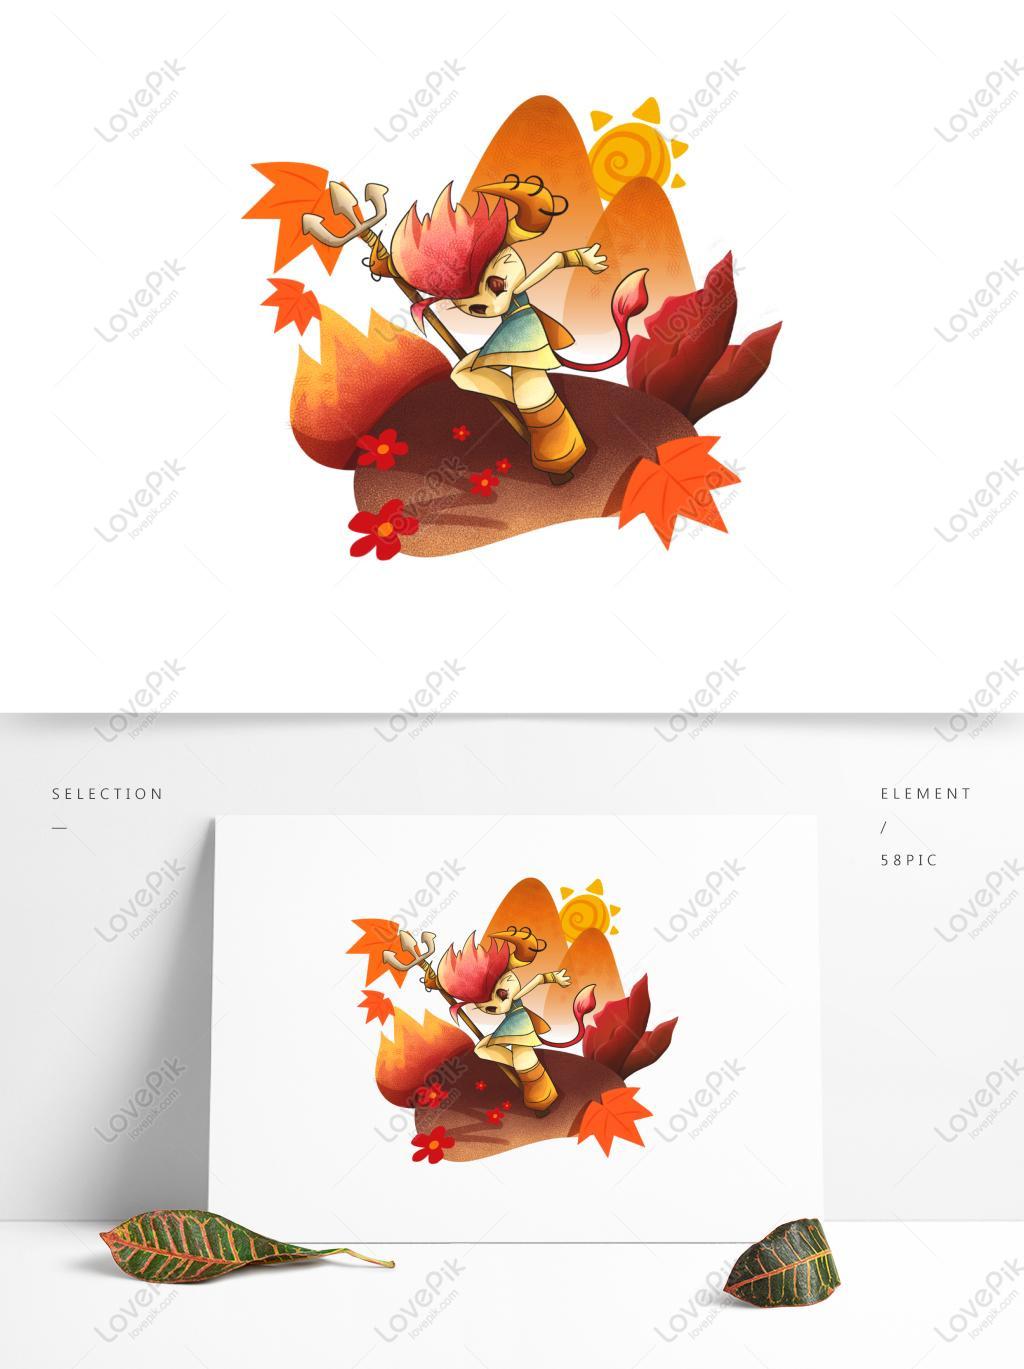 手繪插畫西遊記人物可商用元素牛魔王PSD美工圖案免費下載-素材分辨率1369 × 1024px - Lovepik ID732382091